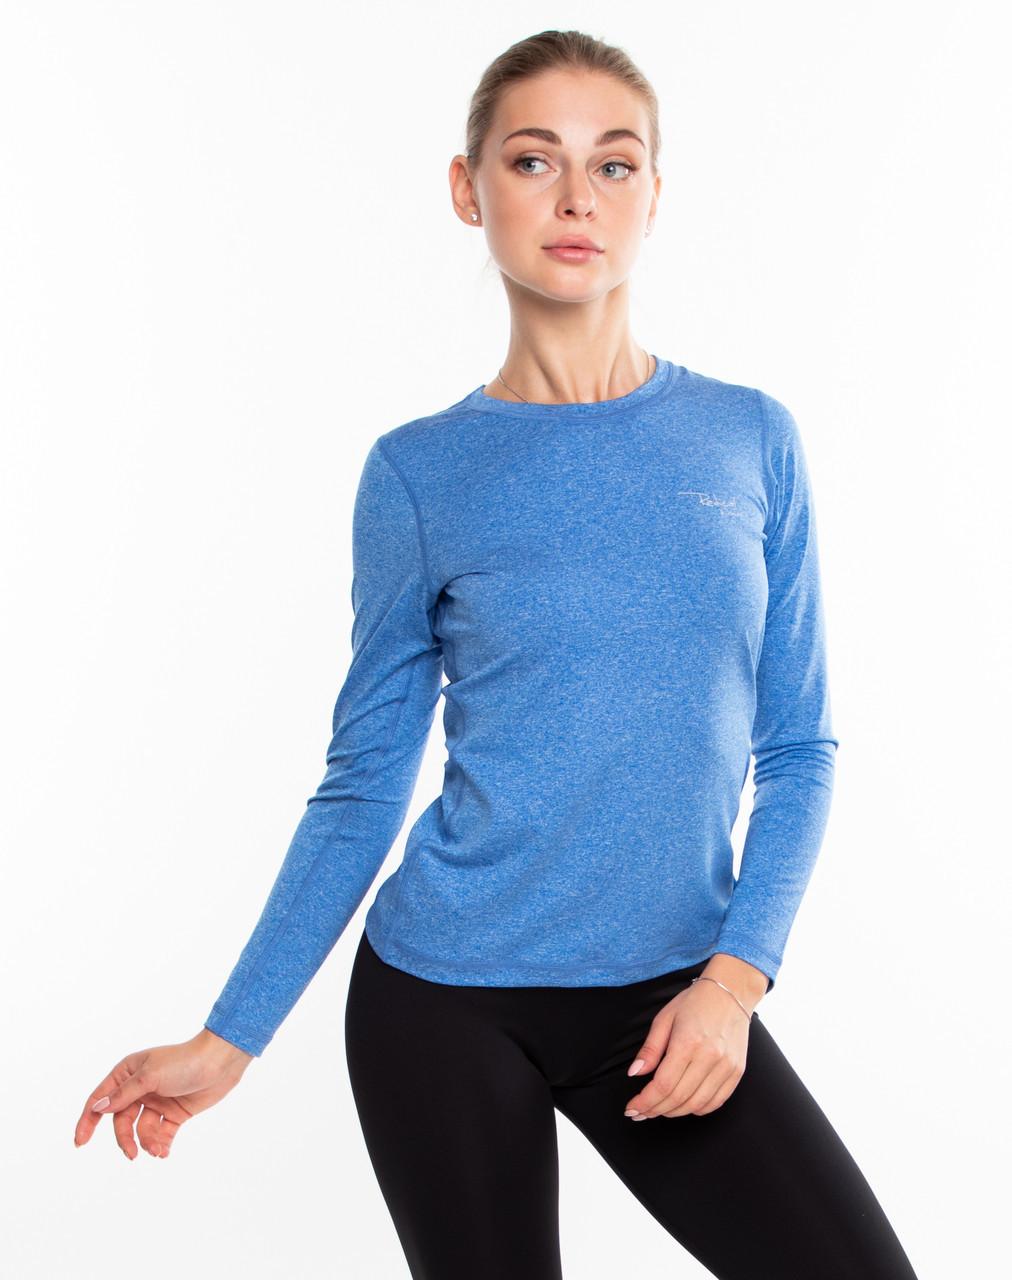 Спортивная женская футболка с длинным рукавом Rough Radical Efficient SG, лонгслив, рашгард, компрессионная L